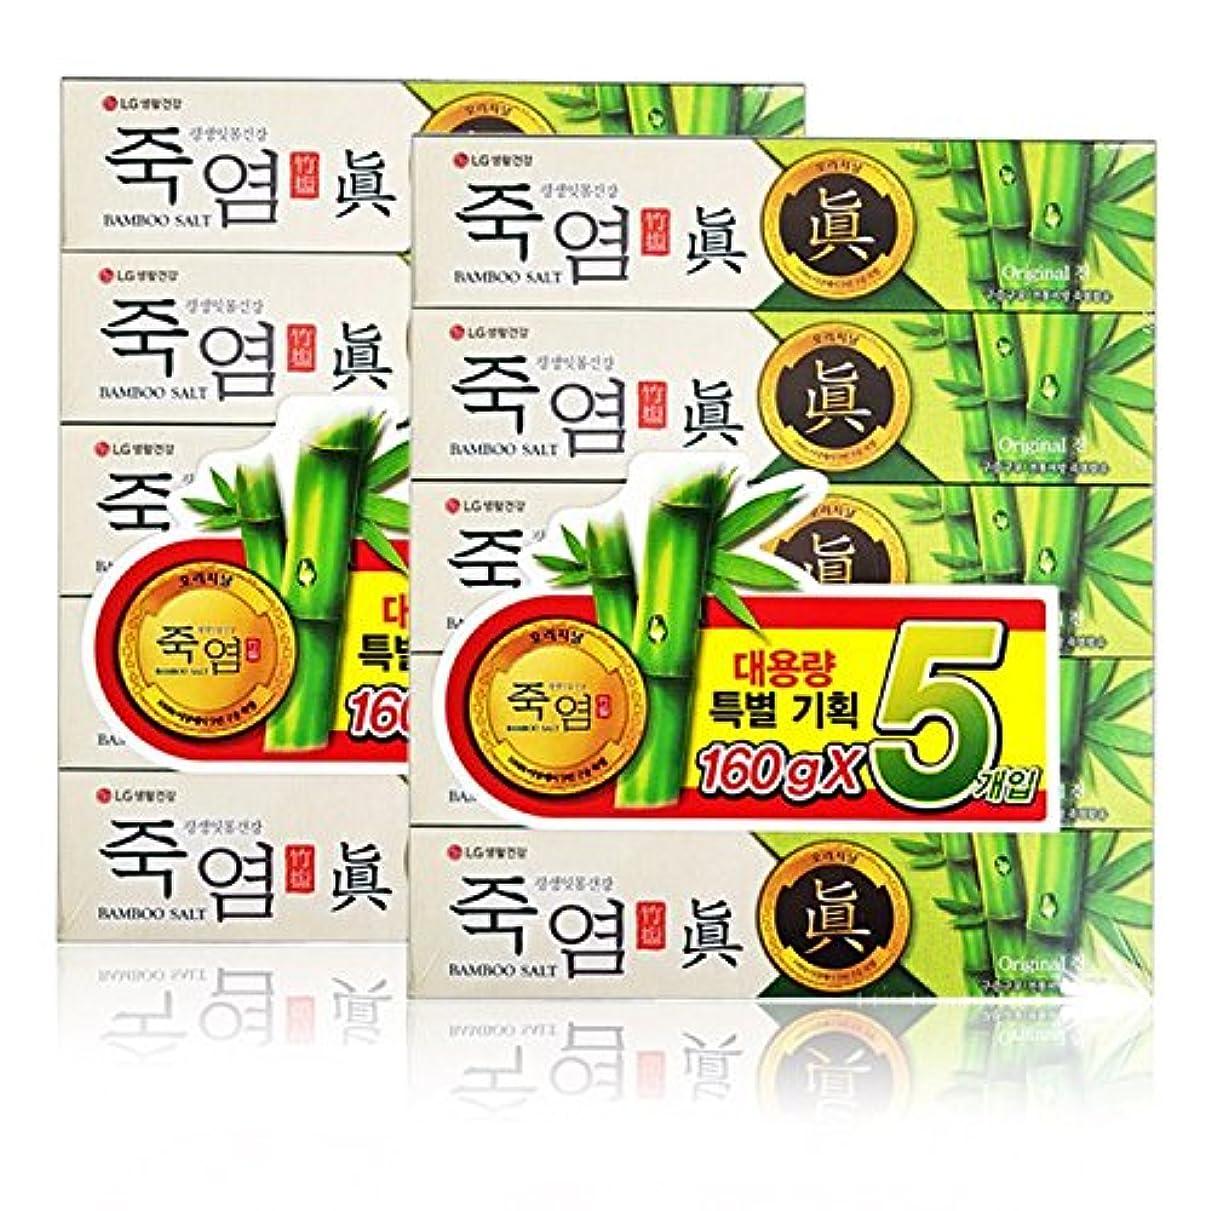 プレビュー散文不明瞭[LG電子の生活と健康] LG 竹塩オリジナル歯磨き粉160g*10つの(海外直送品)